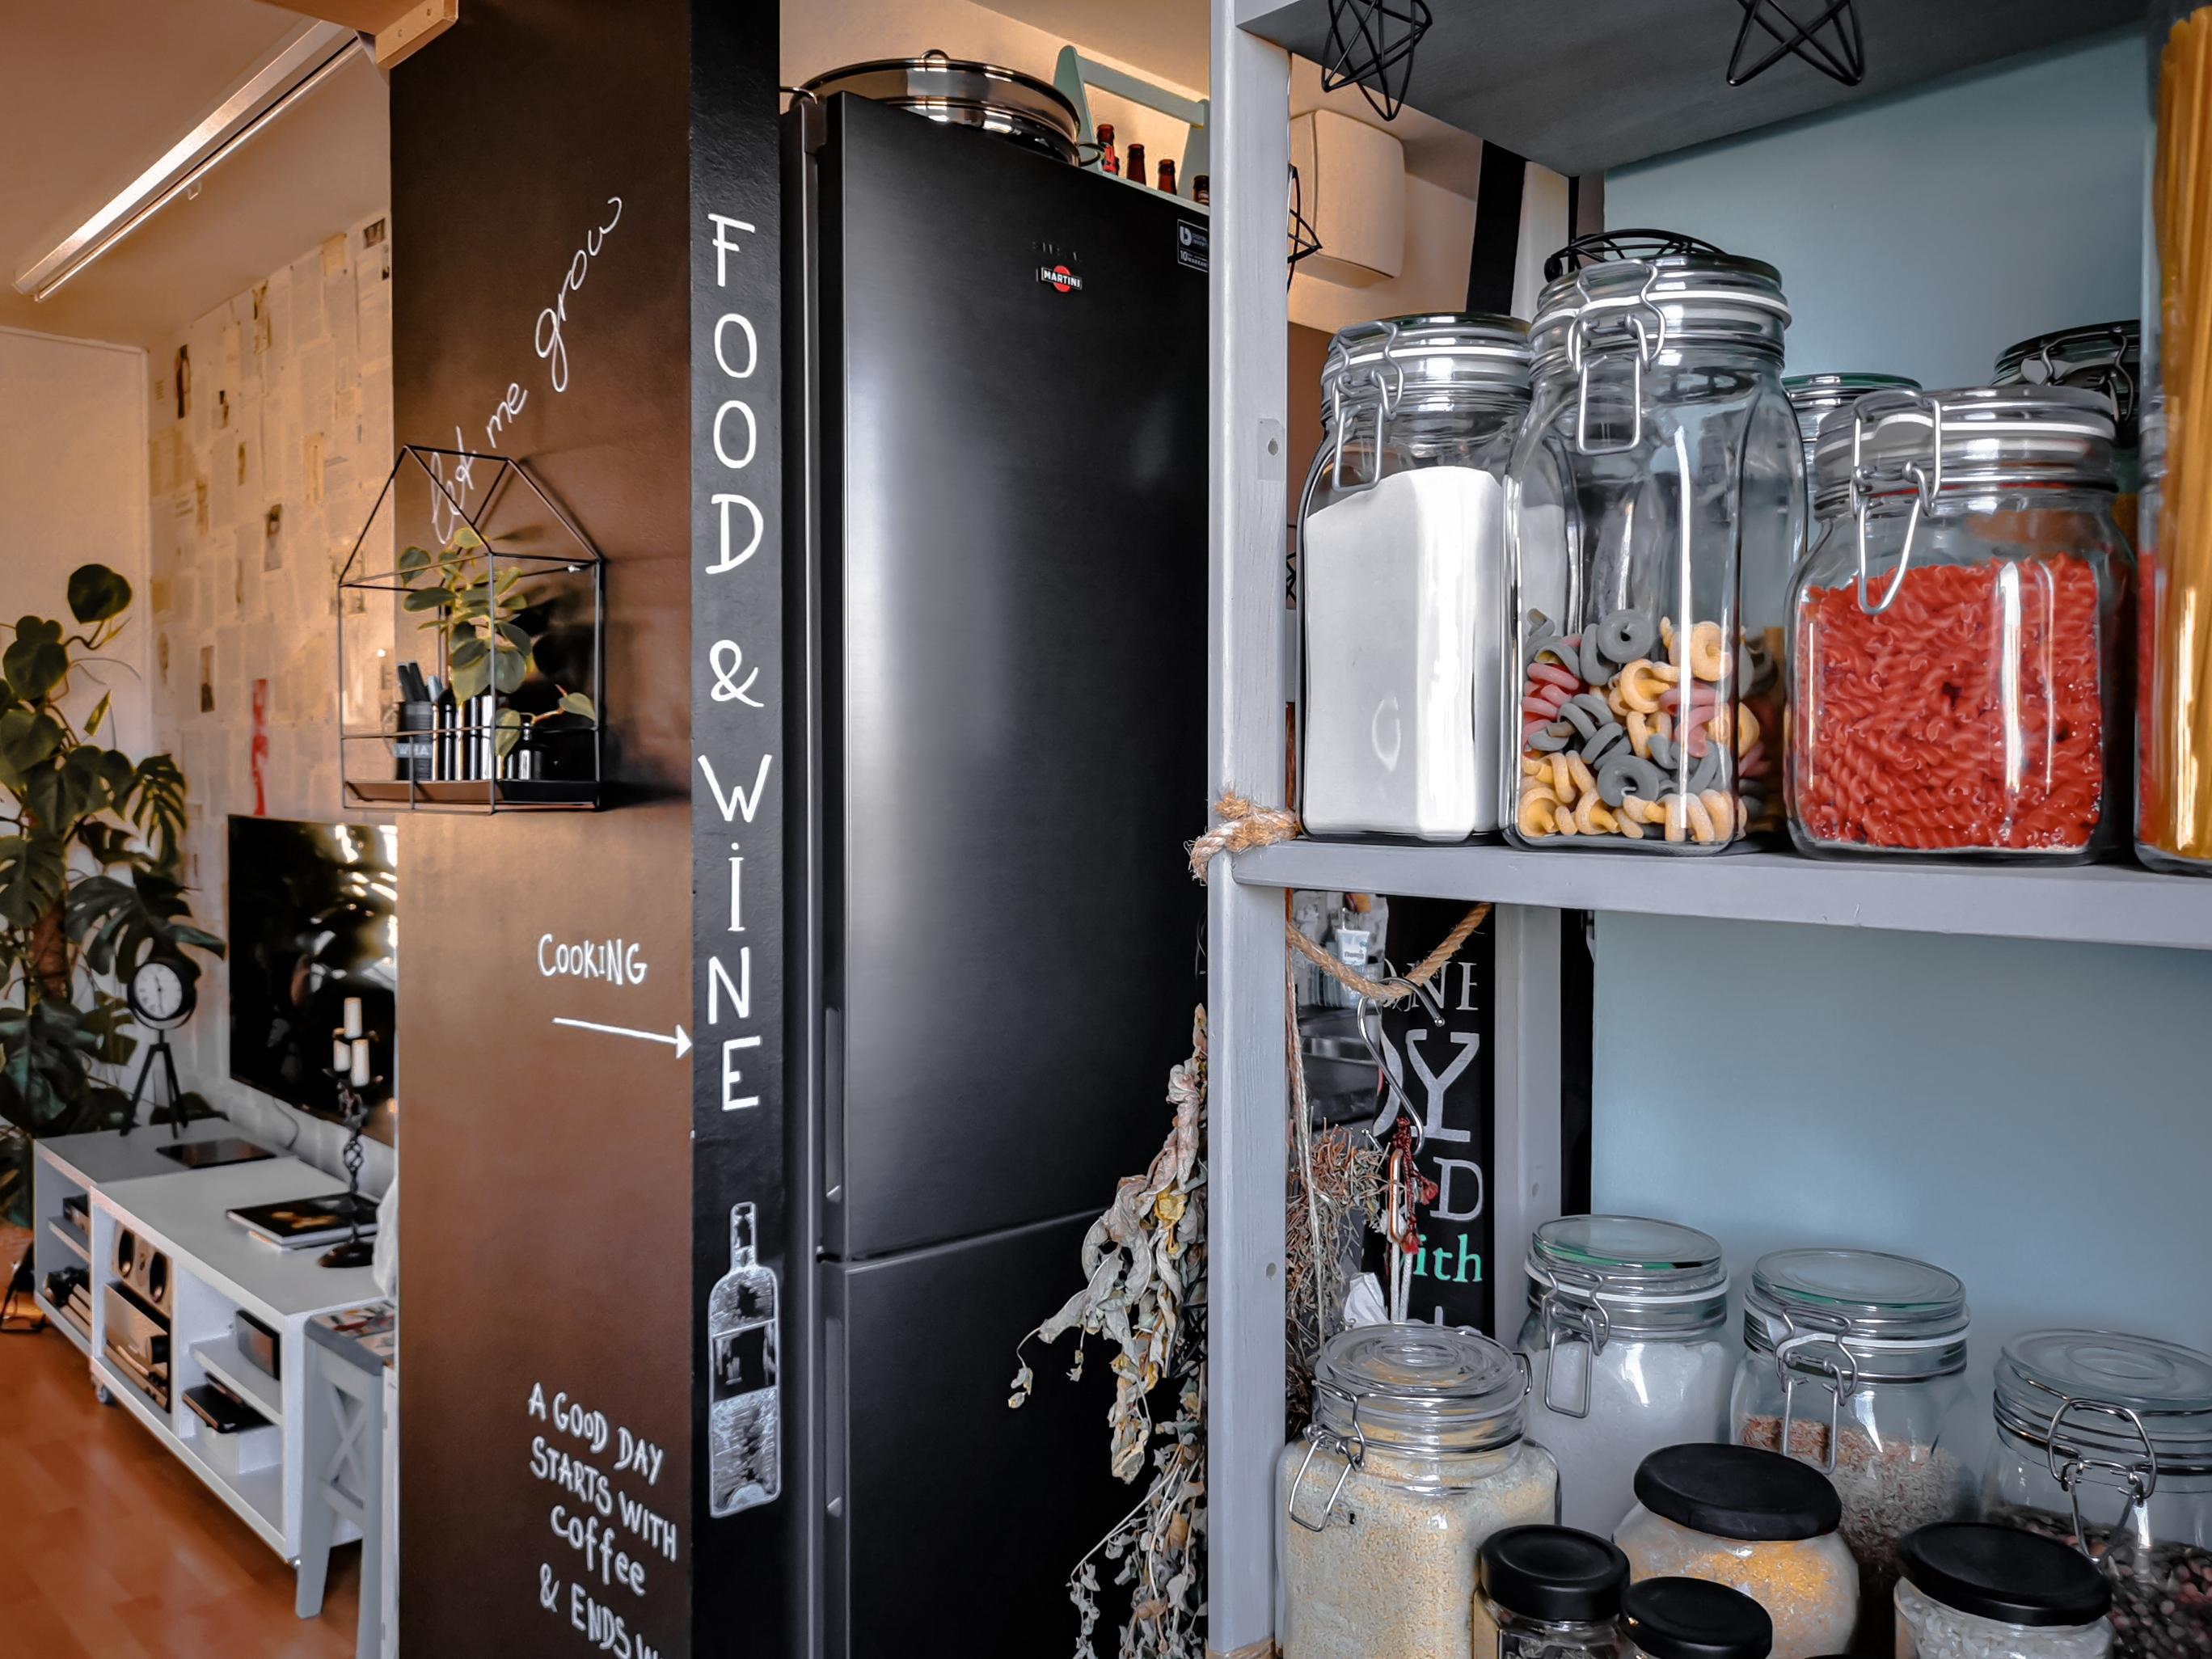 IMG 20200208 153604 resized 20200605 014724183 - Projekt Vorzimmer: 11 DIY-Ideen an einem Ort